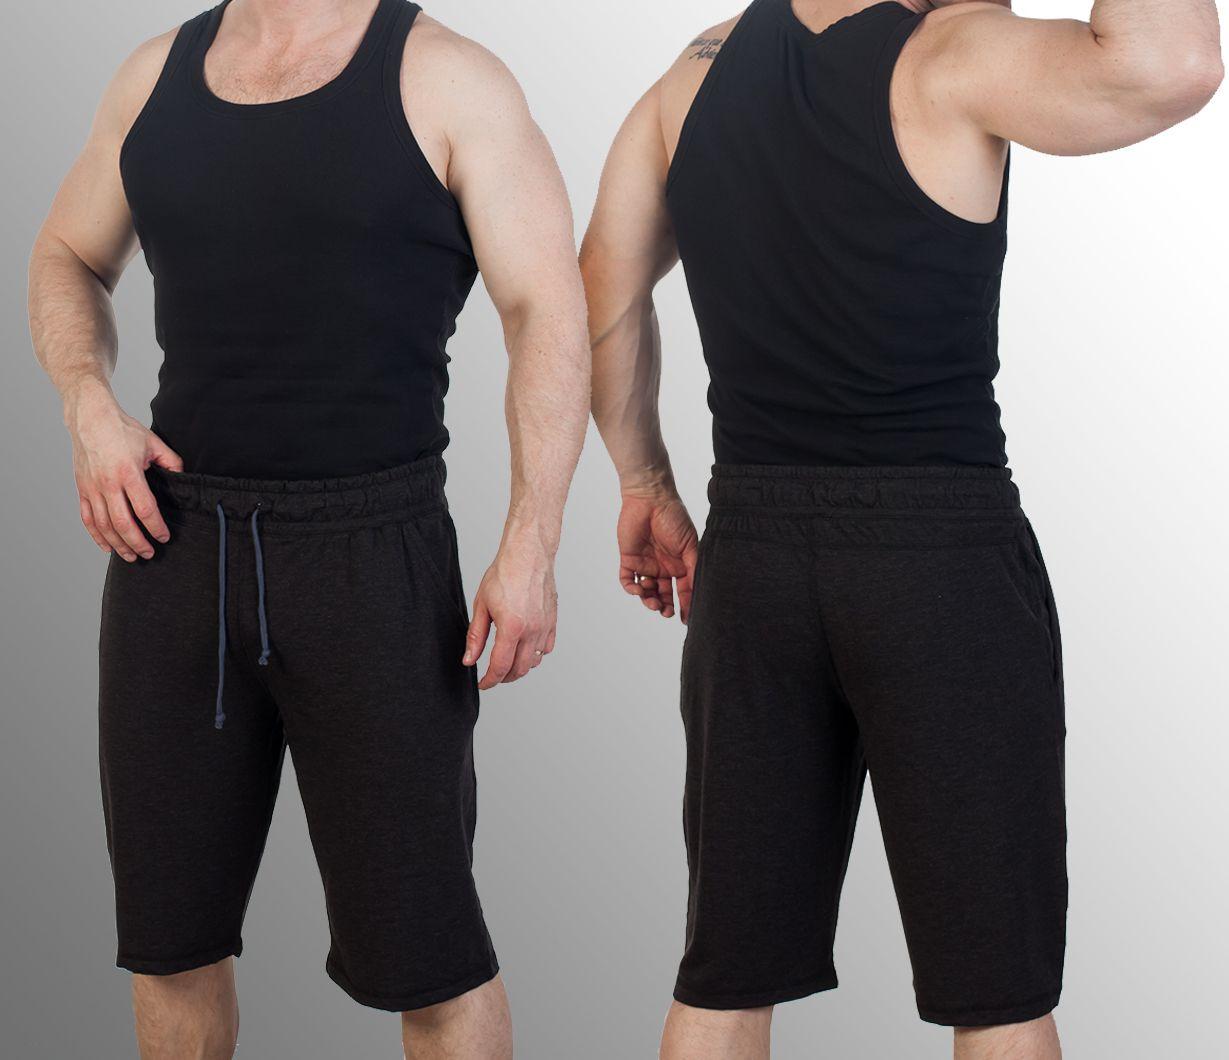 Мужские шорты для лета с доставкой